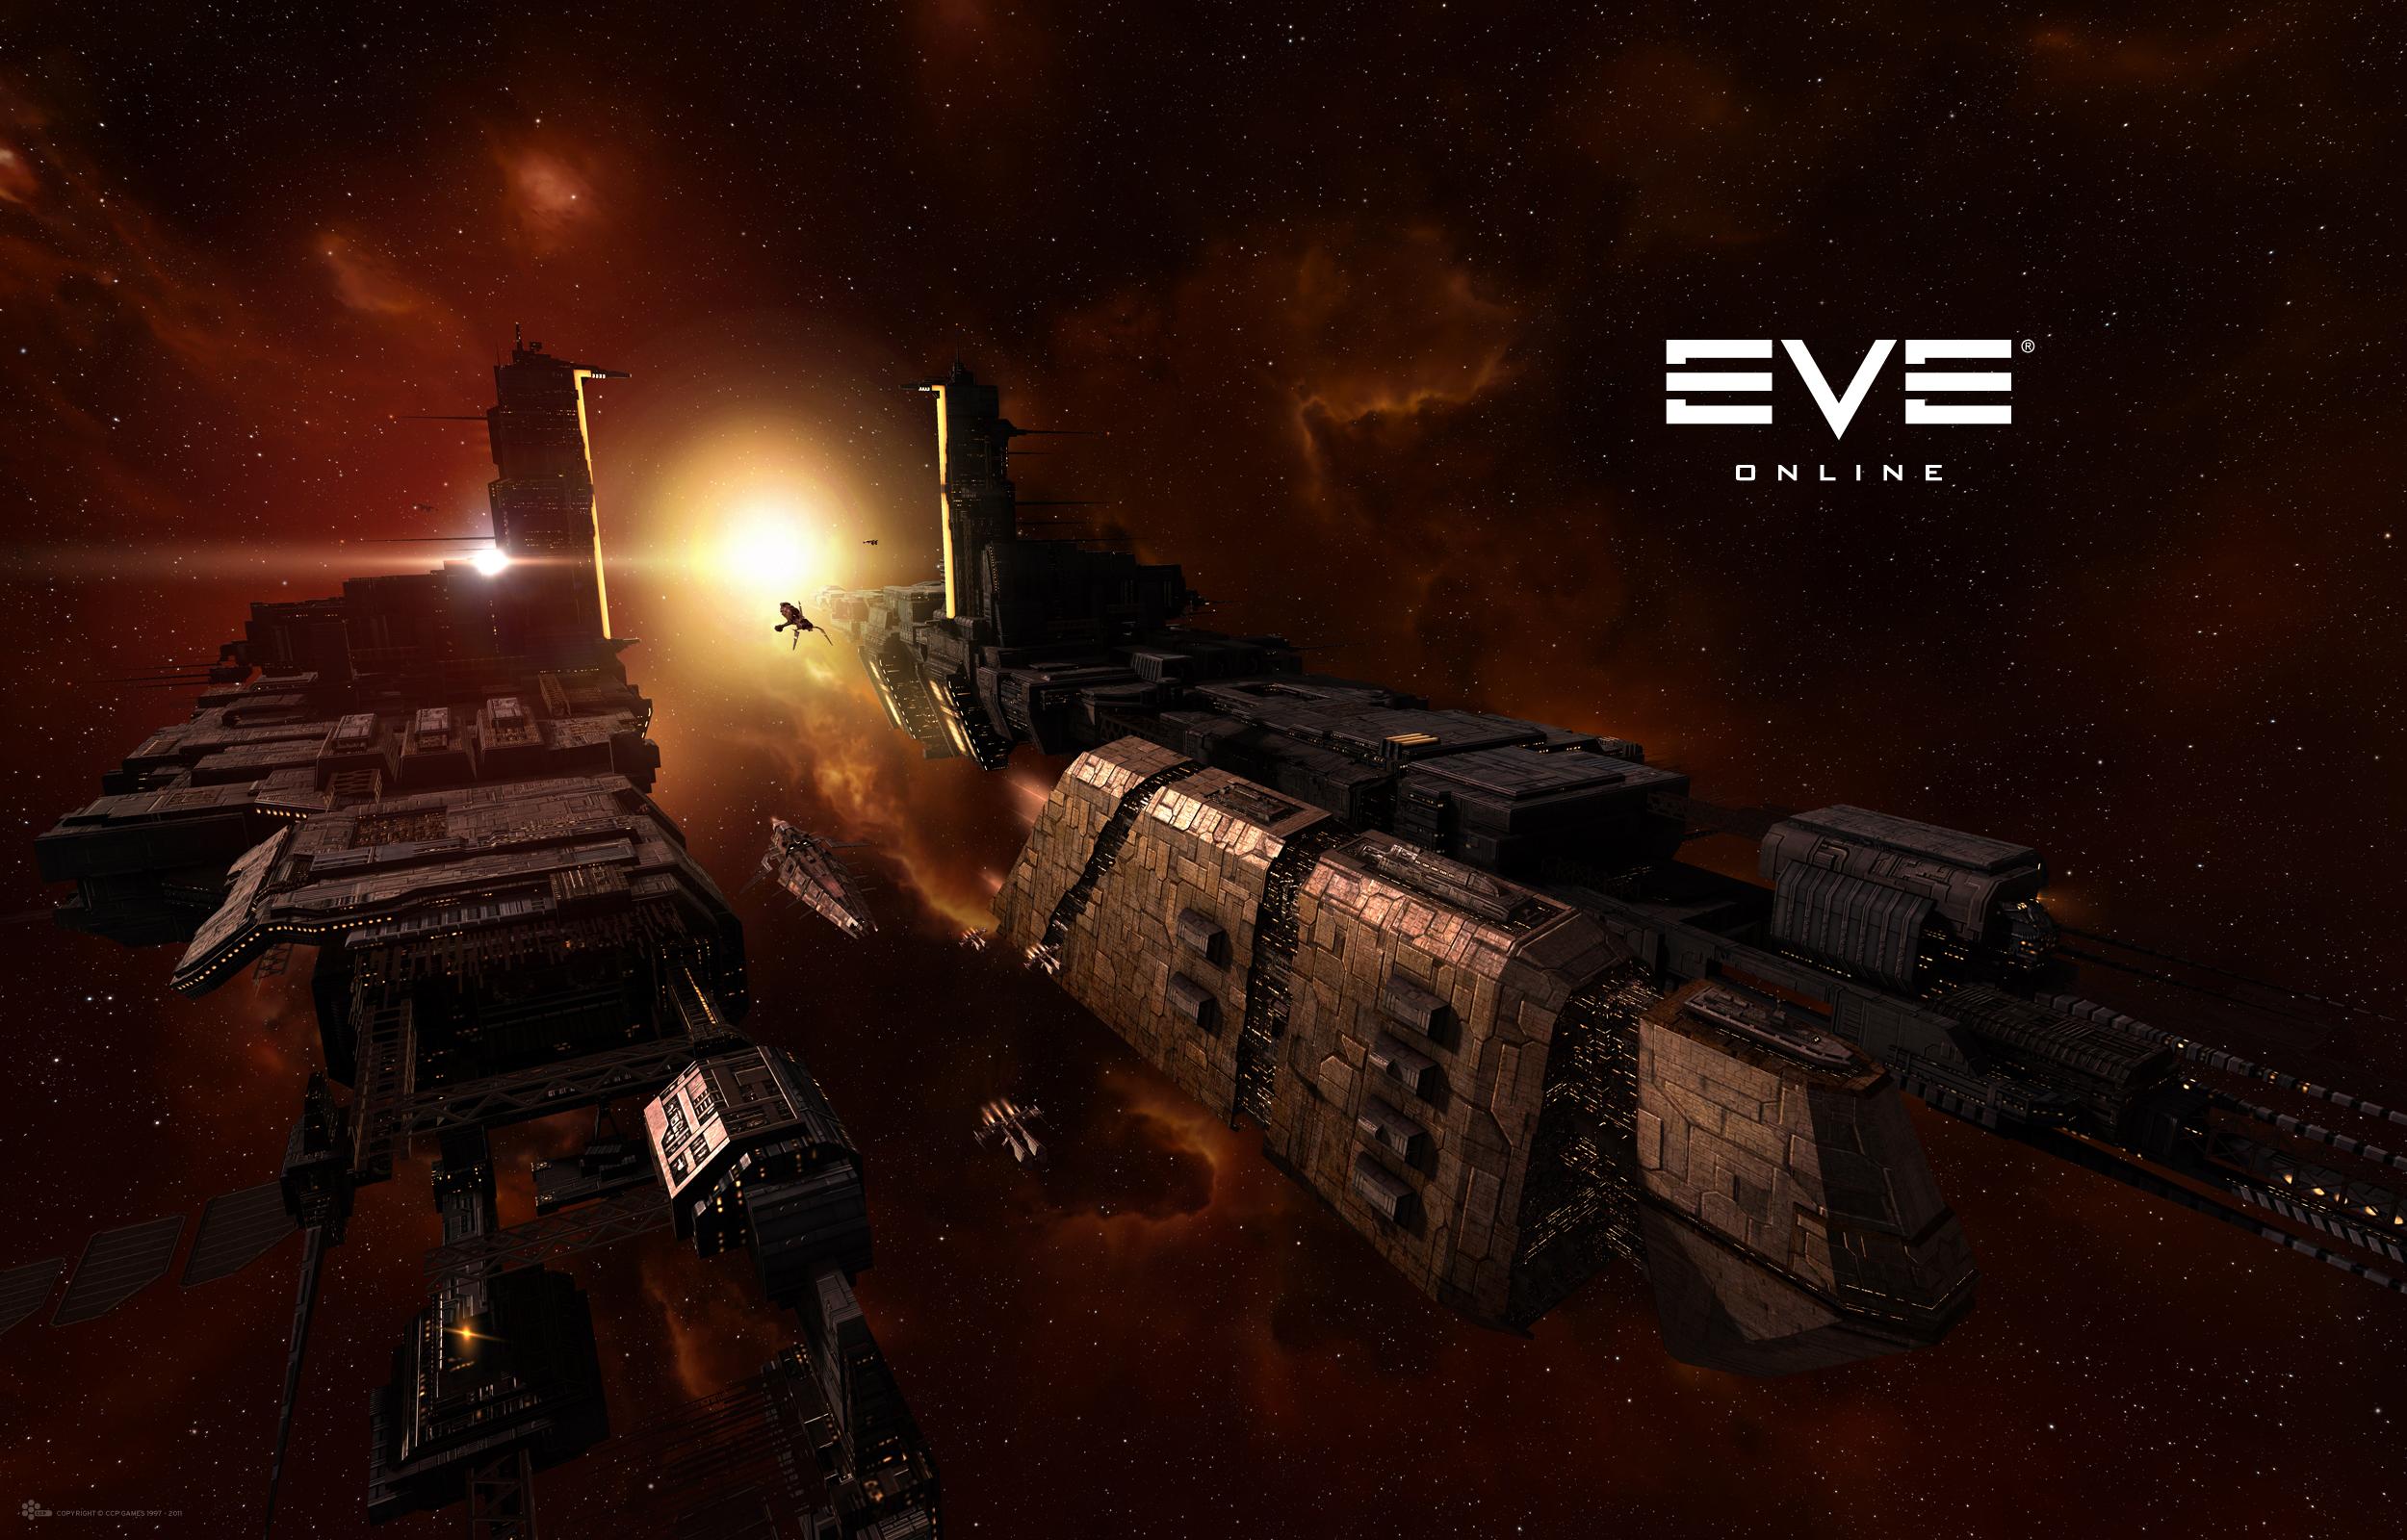 EVE Online Wallpaper 26